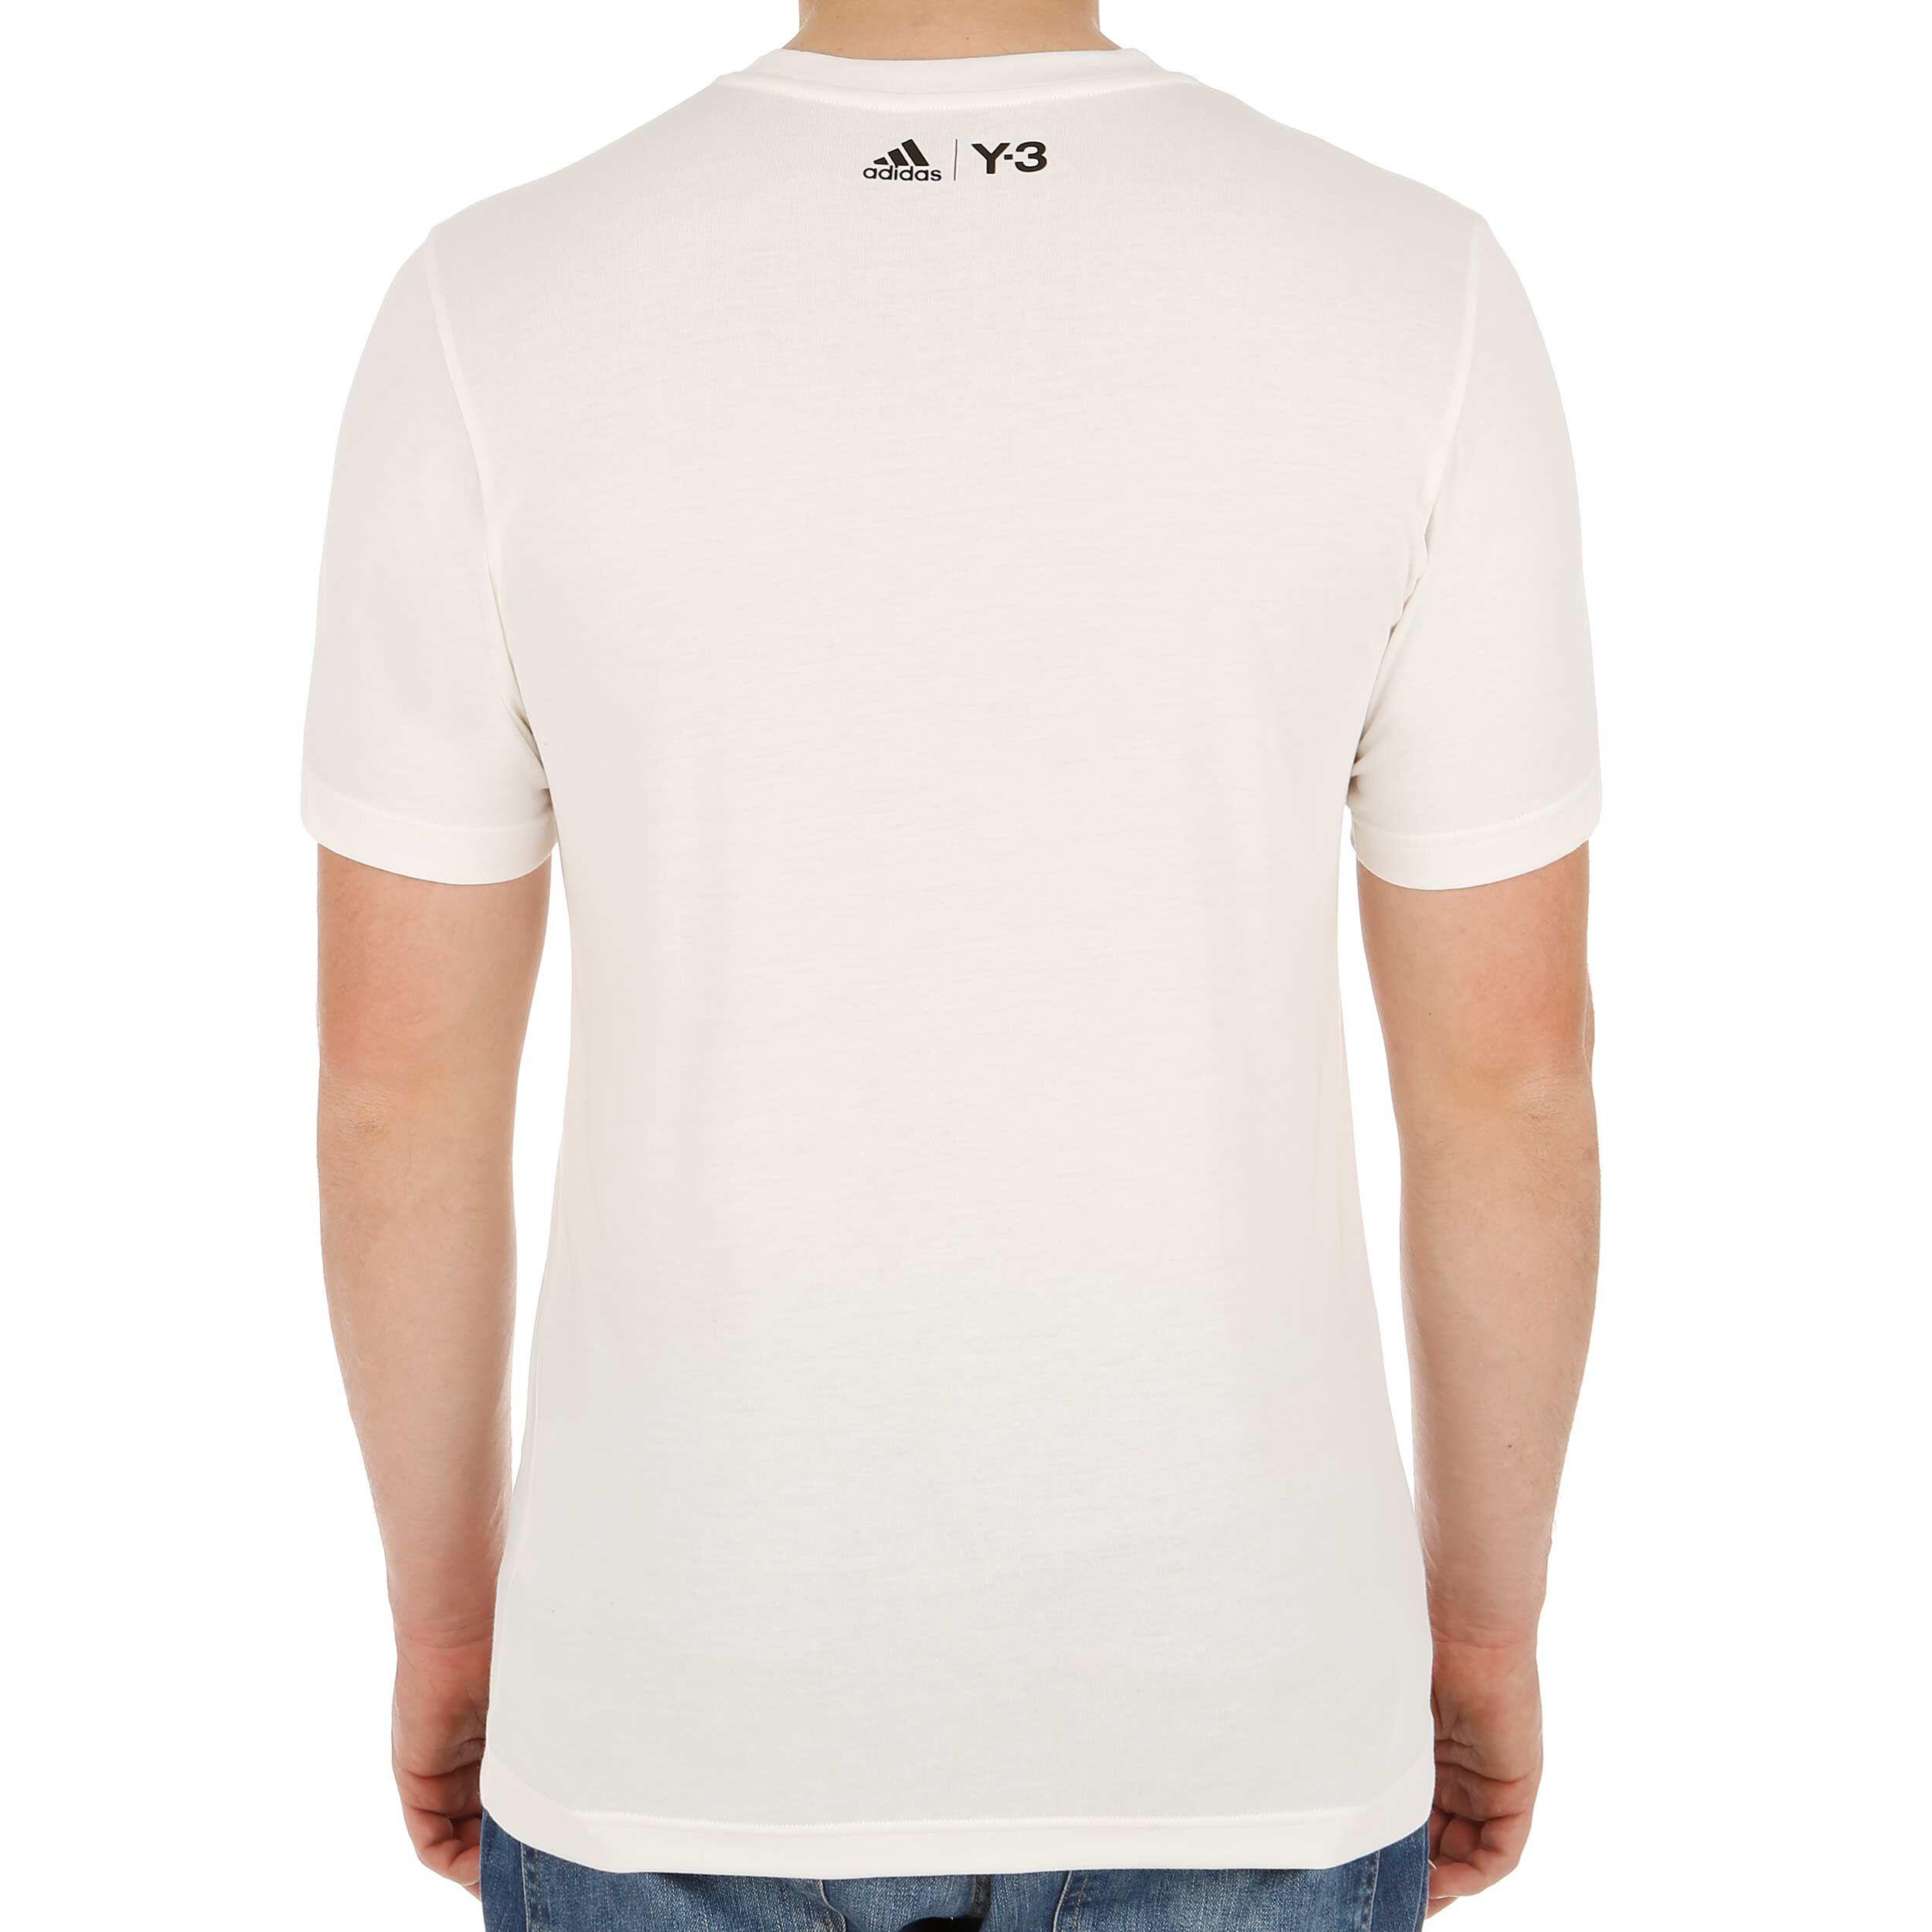 adidas Roland Garros Y 3 Event T shirt Hommes Blanc